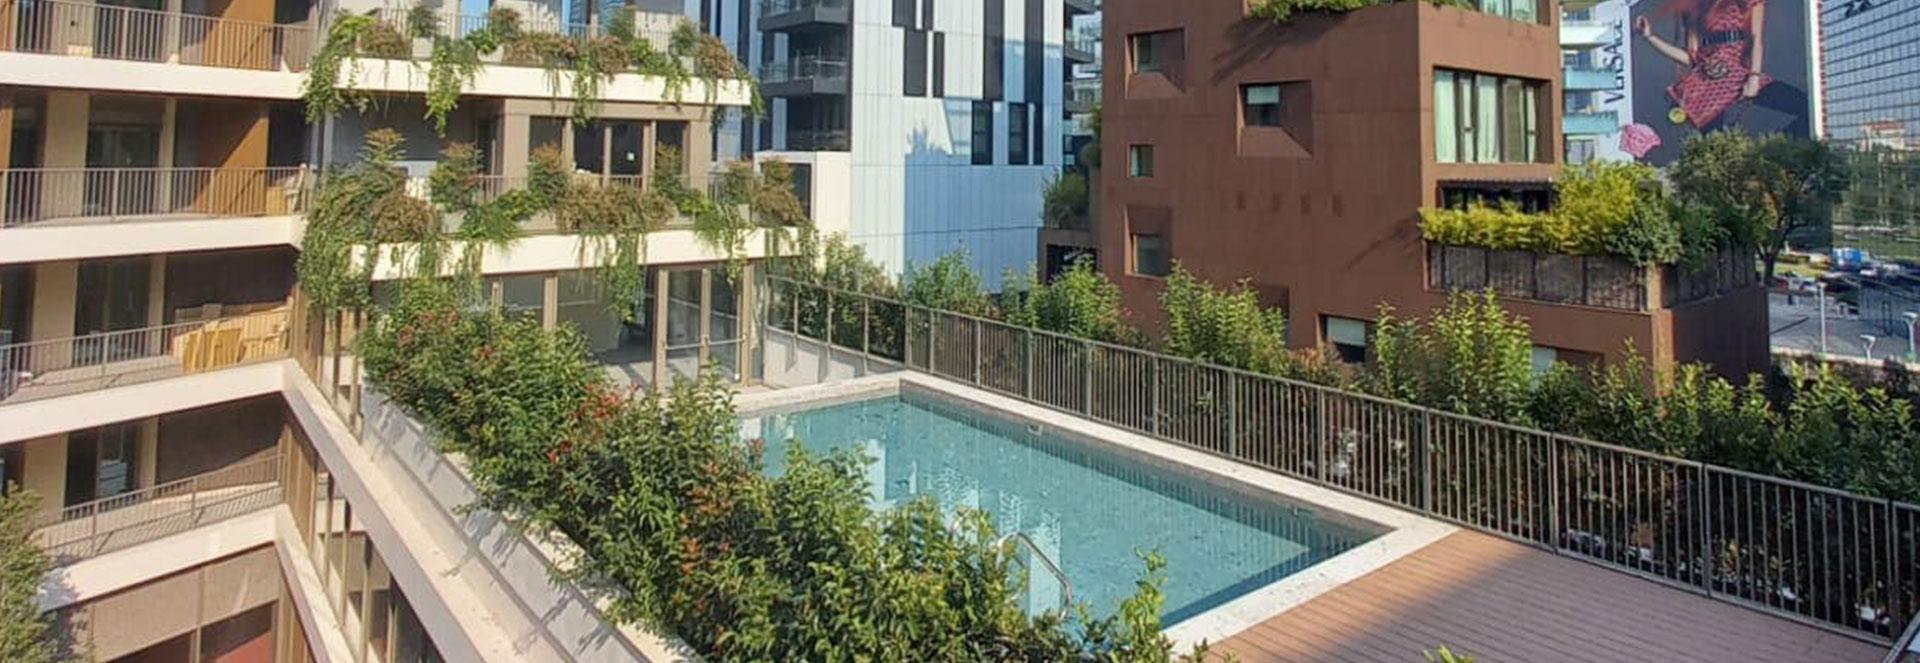 progettazione terrazze verdi a bergamo